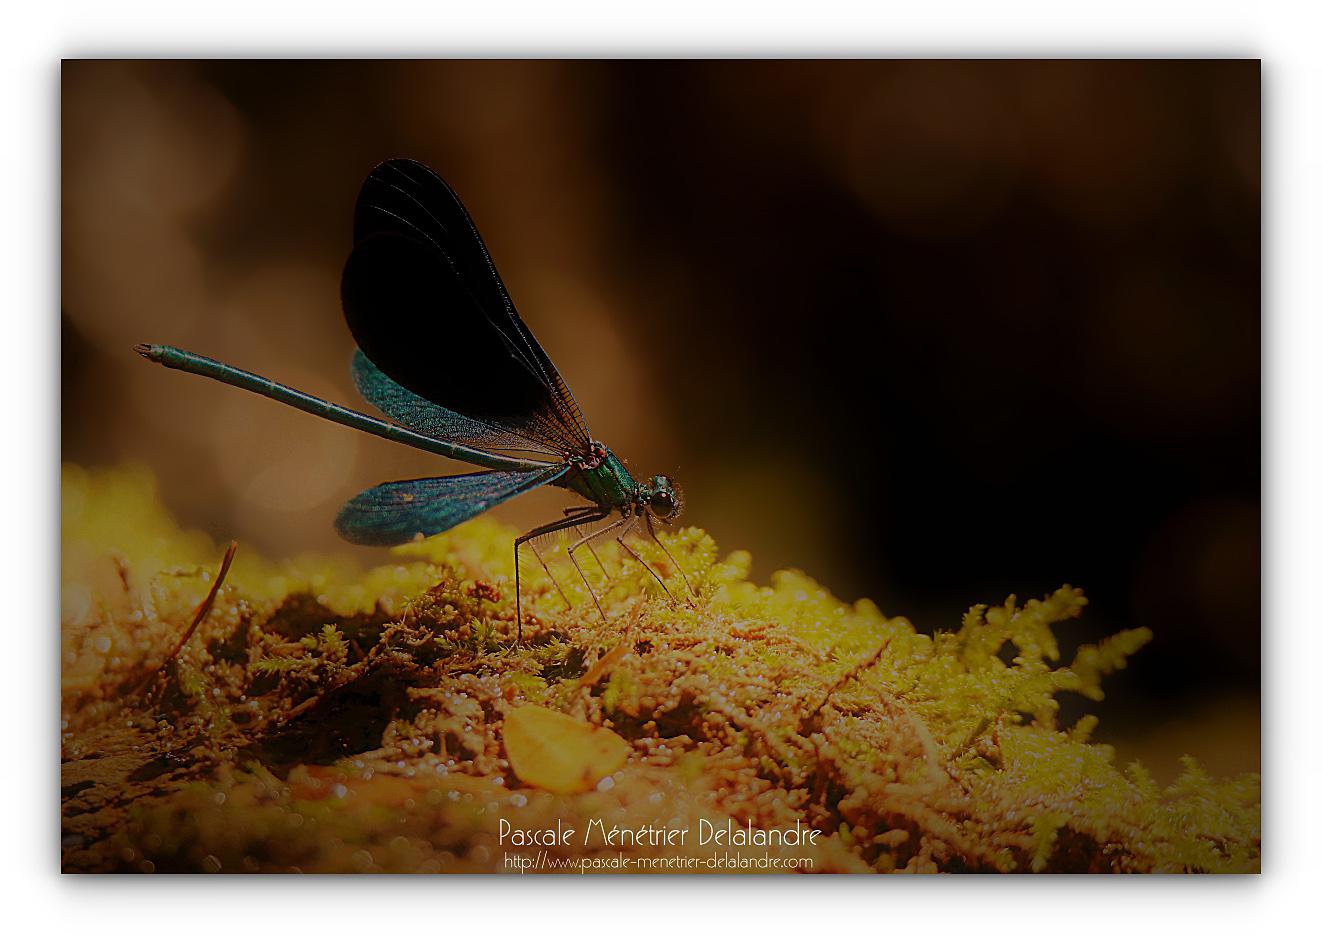 Caloptéryx vierge méridional - Calopteryx virgo méridionalis ♂